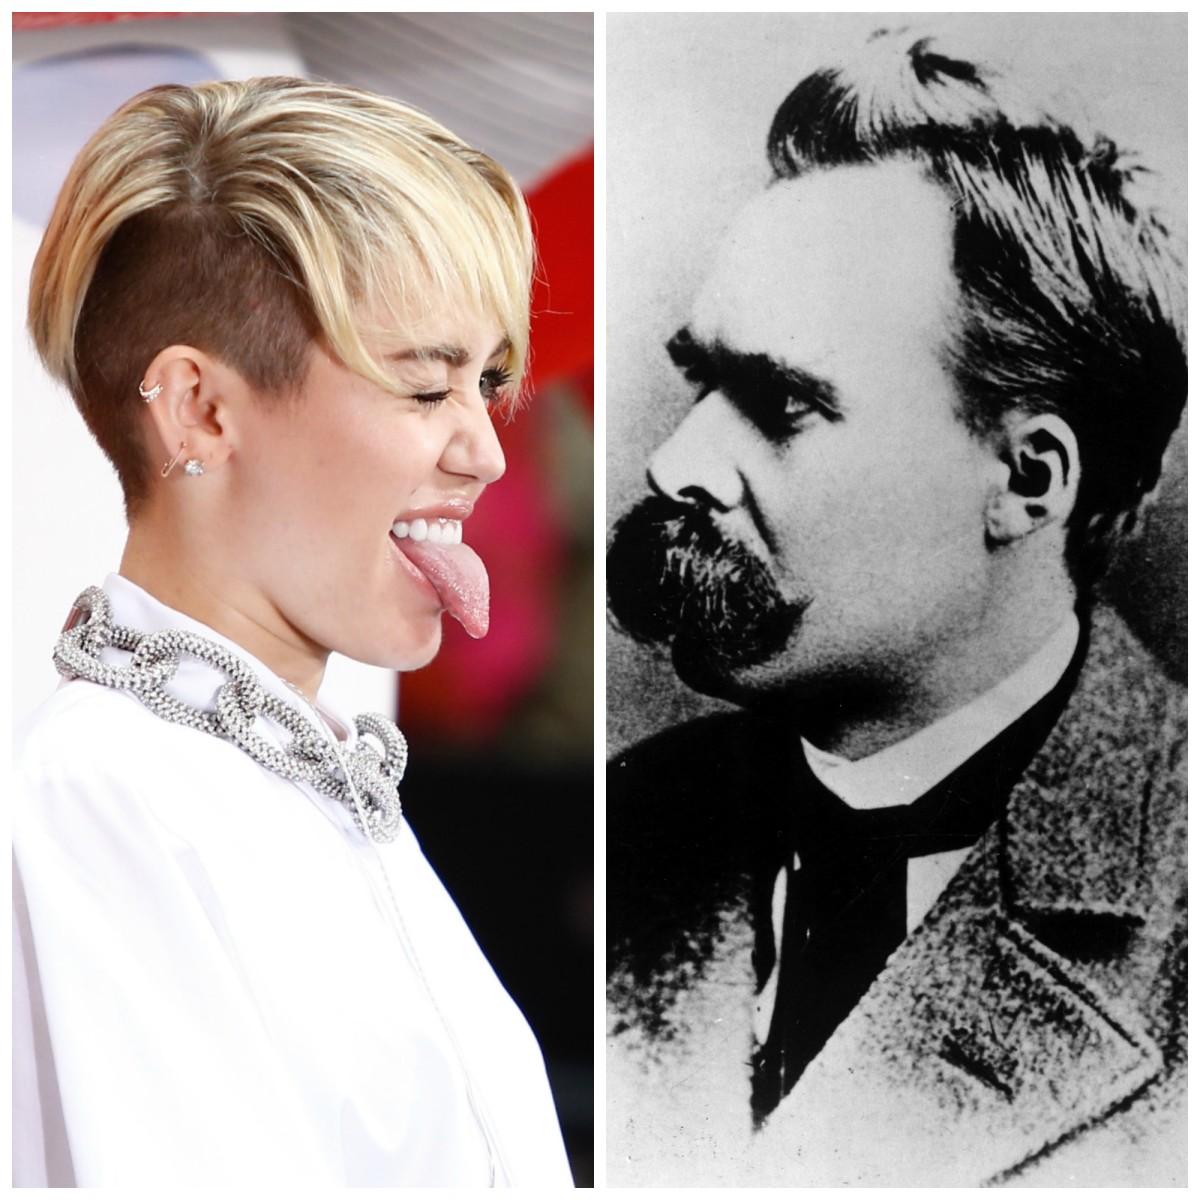 Miley Cyrus, circa 2013; Friedrich Nietzsche, circa 1887. (Photos: Debby Wong/Everett Historical/Shutterstock/Pacific Standard)